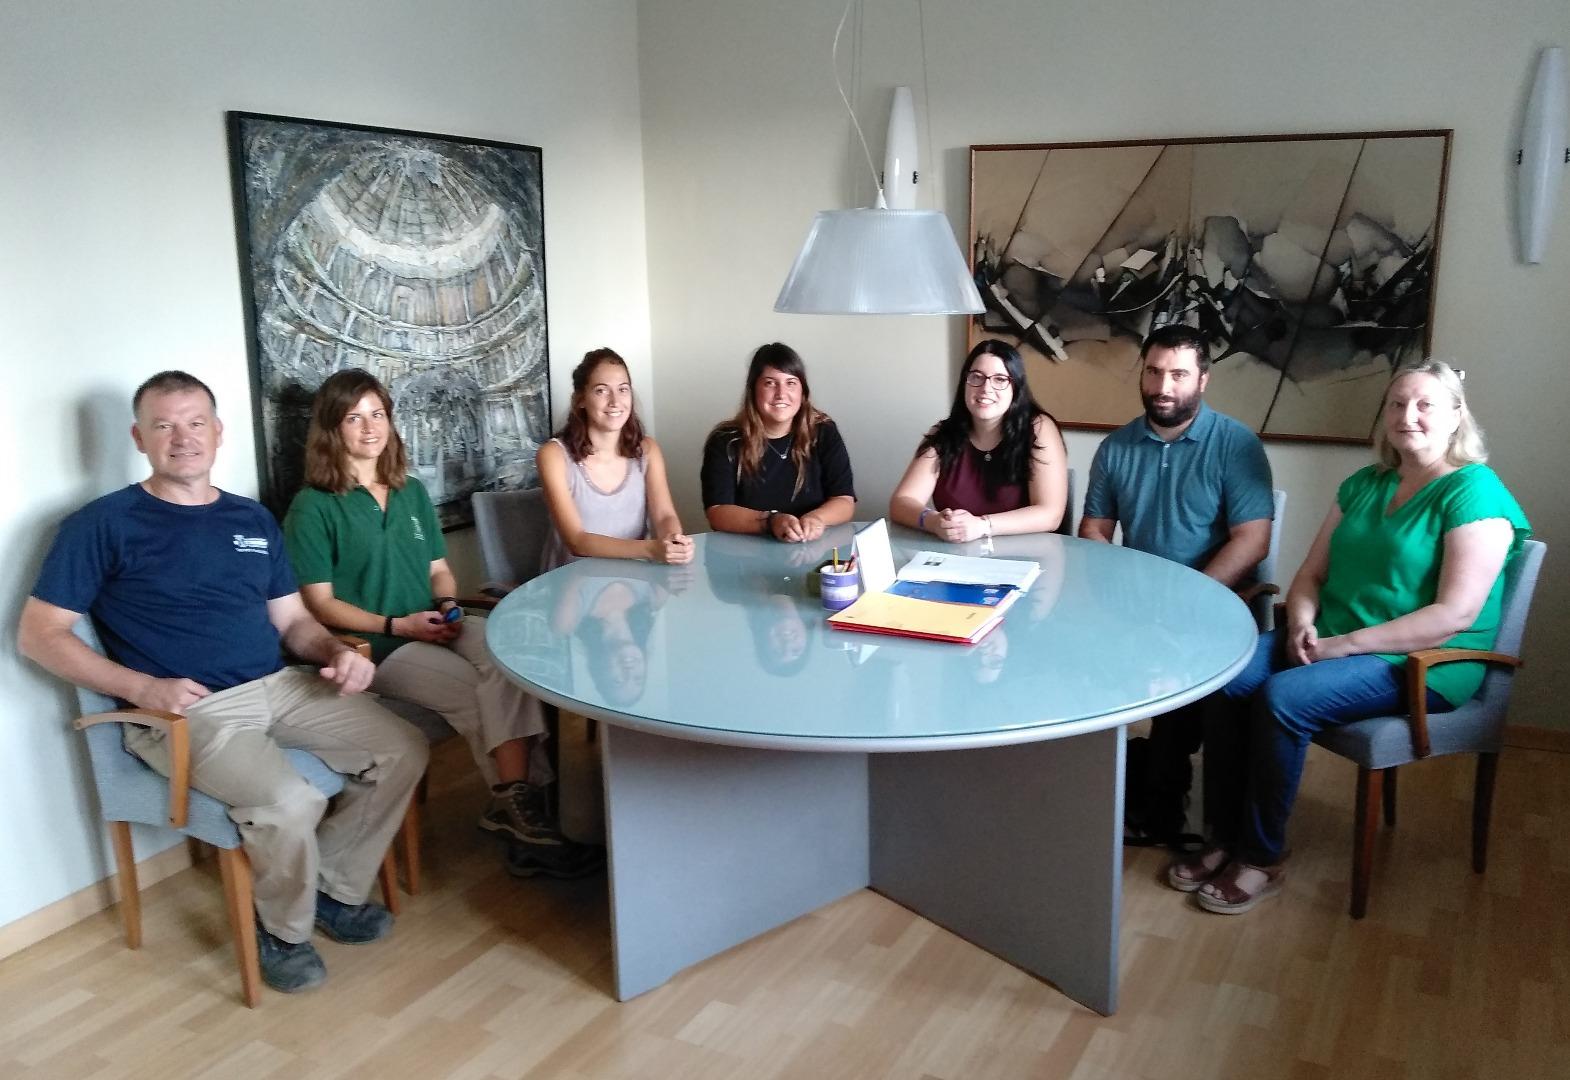 L'Ajuntament contracta 4 joves gràcies a la iniciativa Avalem Joves Plus de la Generalitat Valenciana